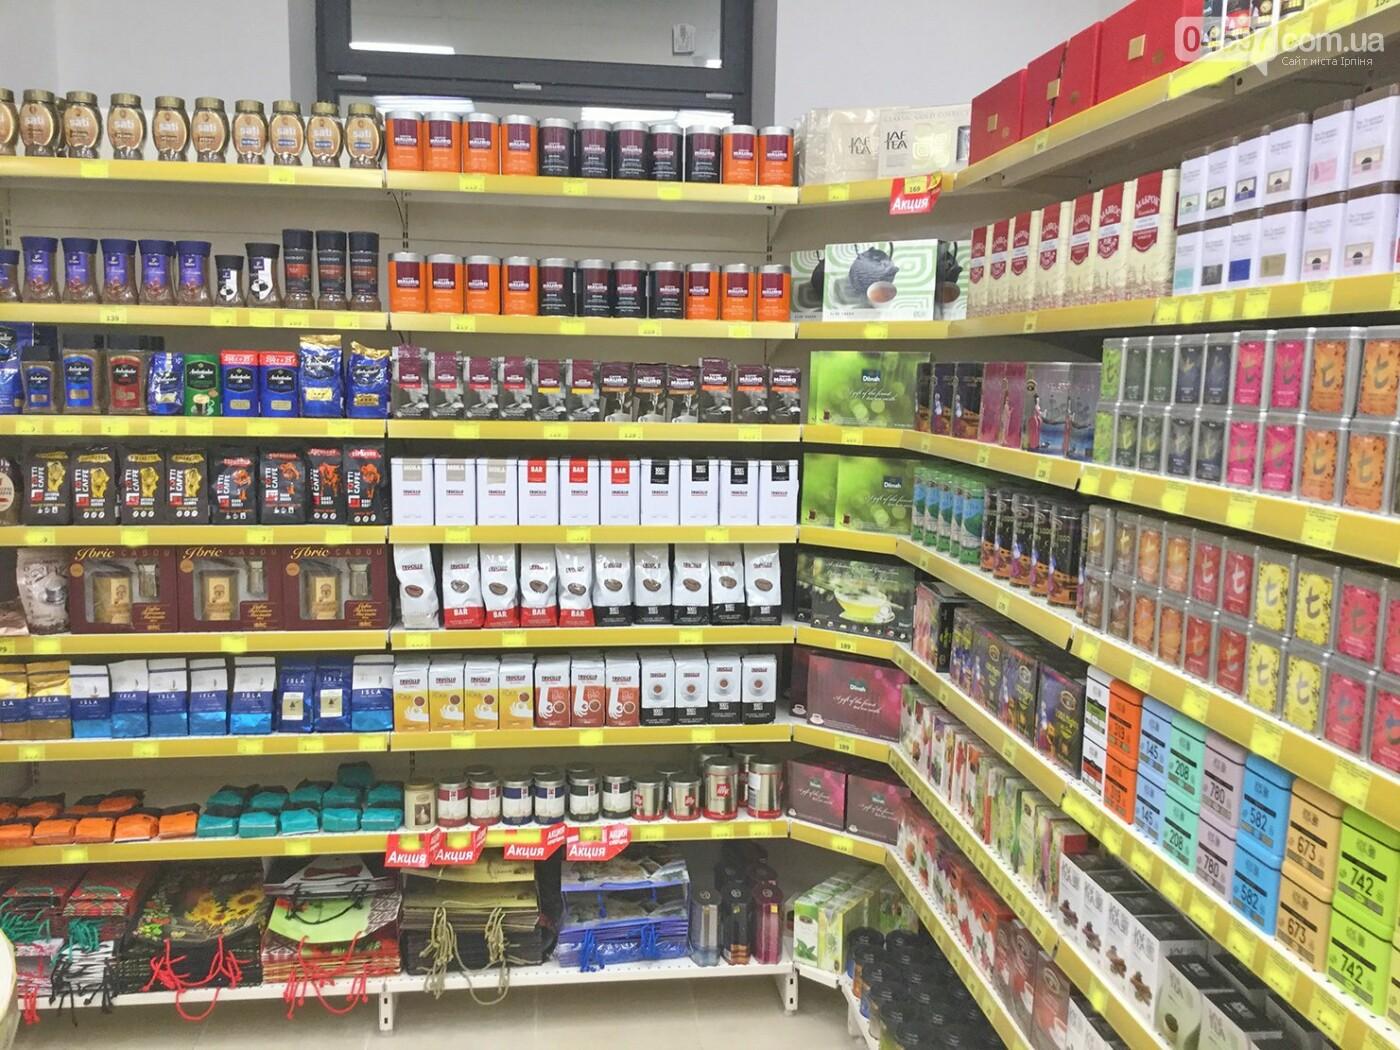 Фірмова крамниця «Вина світу» в Ірпені задовольнить смаки найвибагливіших гурманів!, фото-5